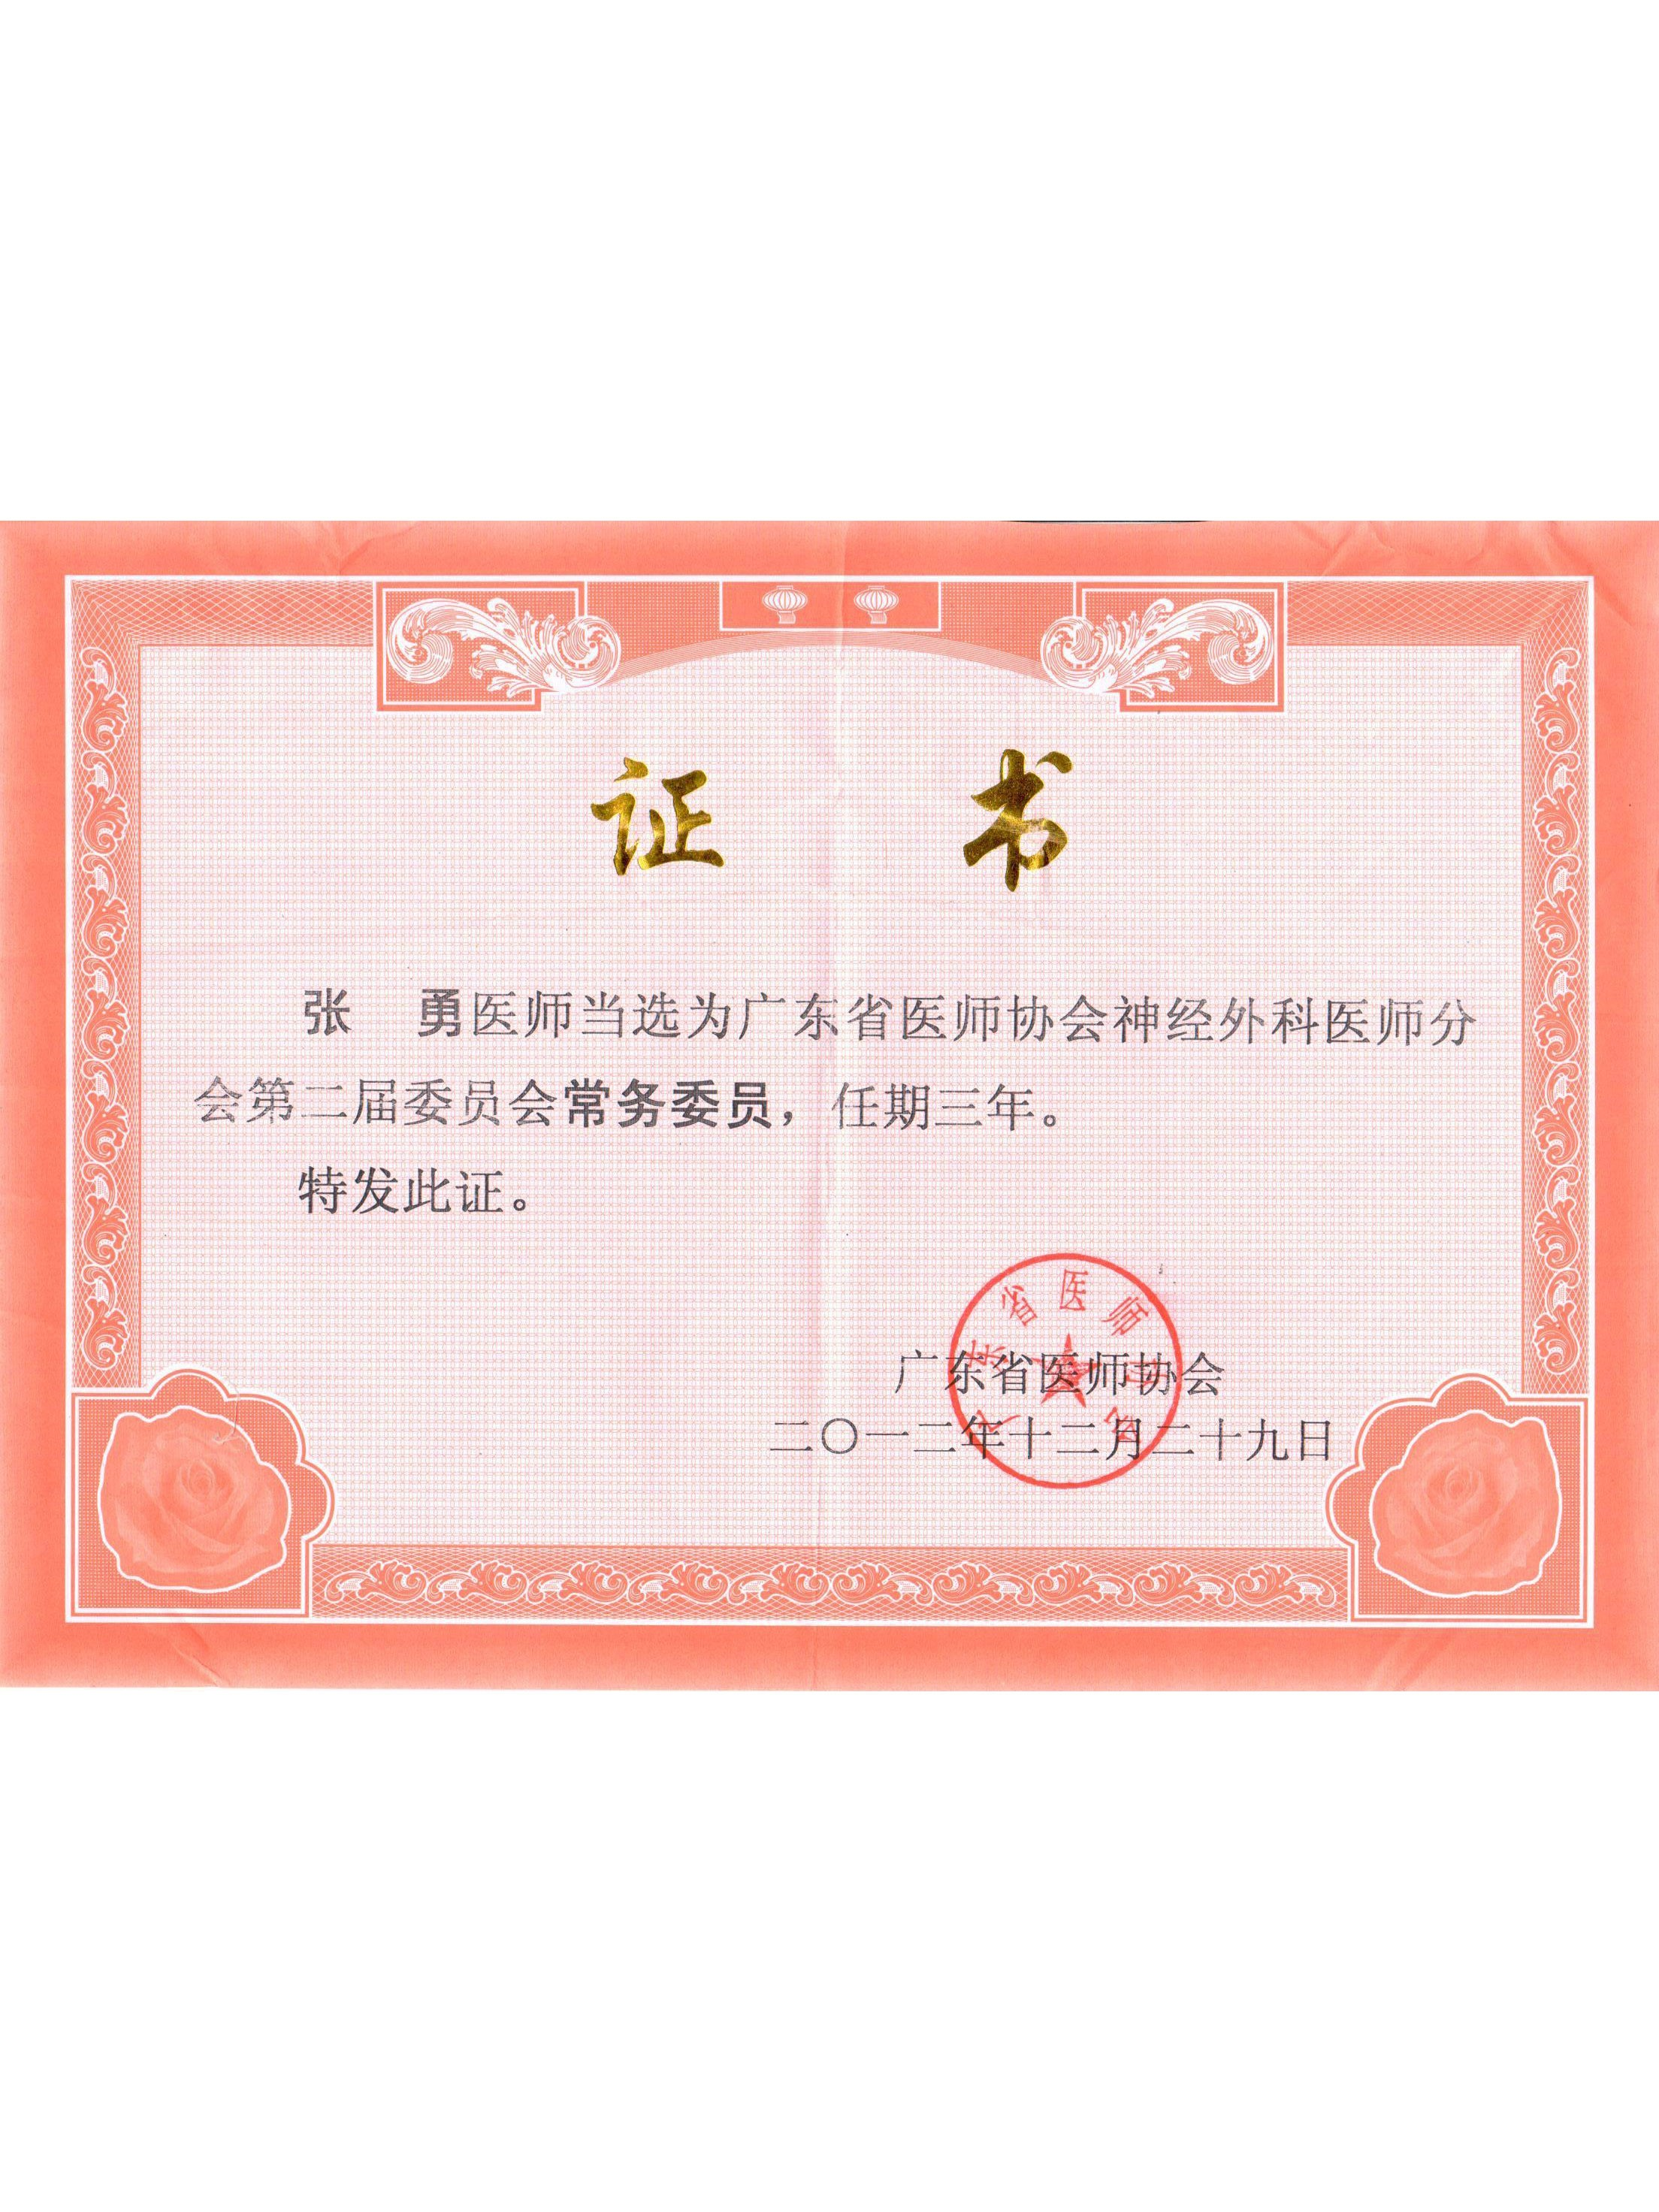 广东省医师协会神经外科学分会第二届委员会常务委员